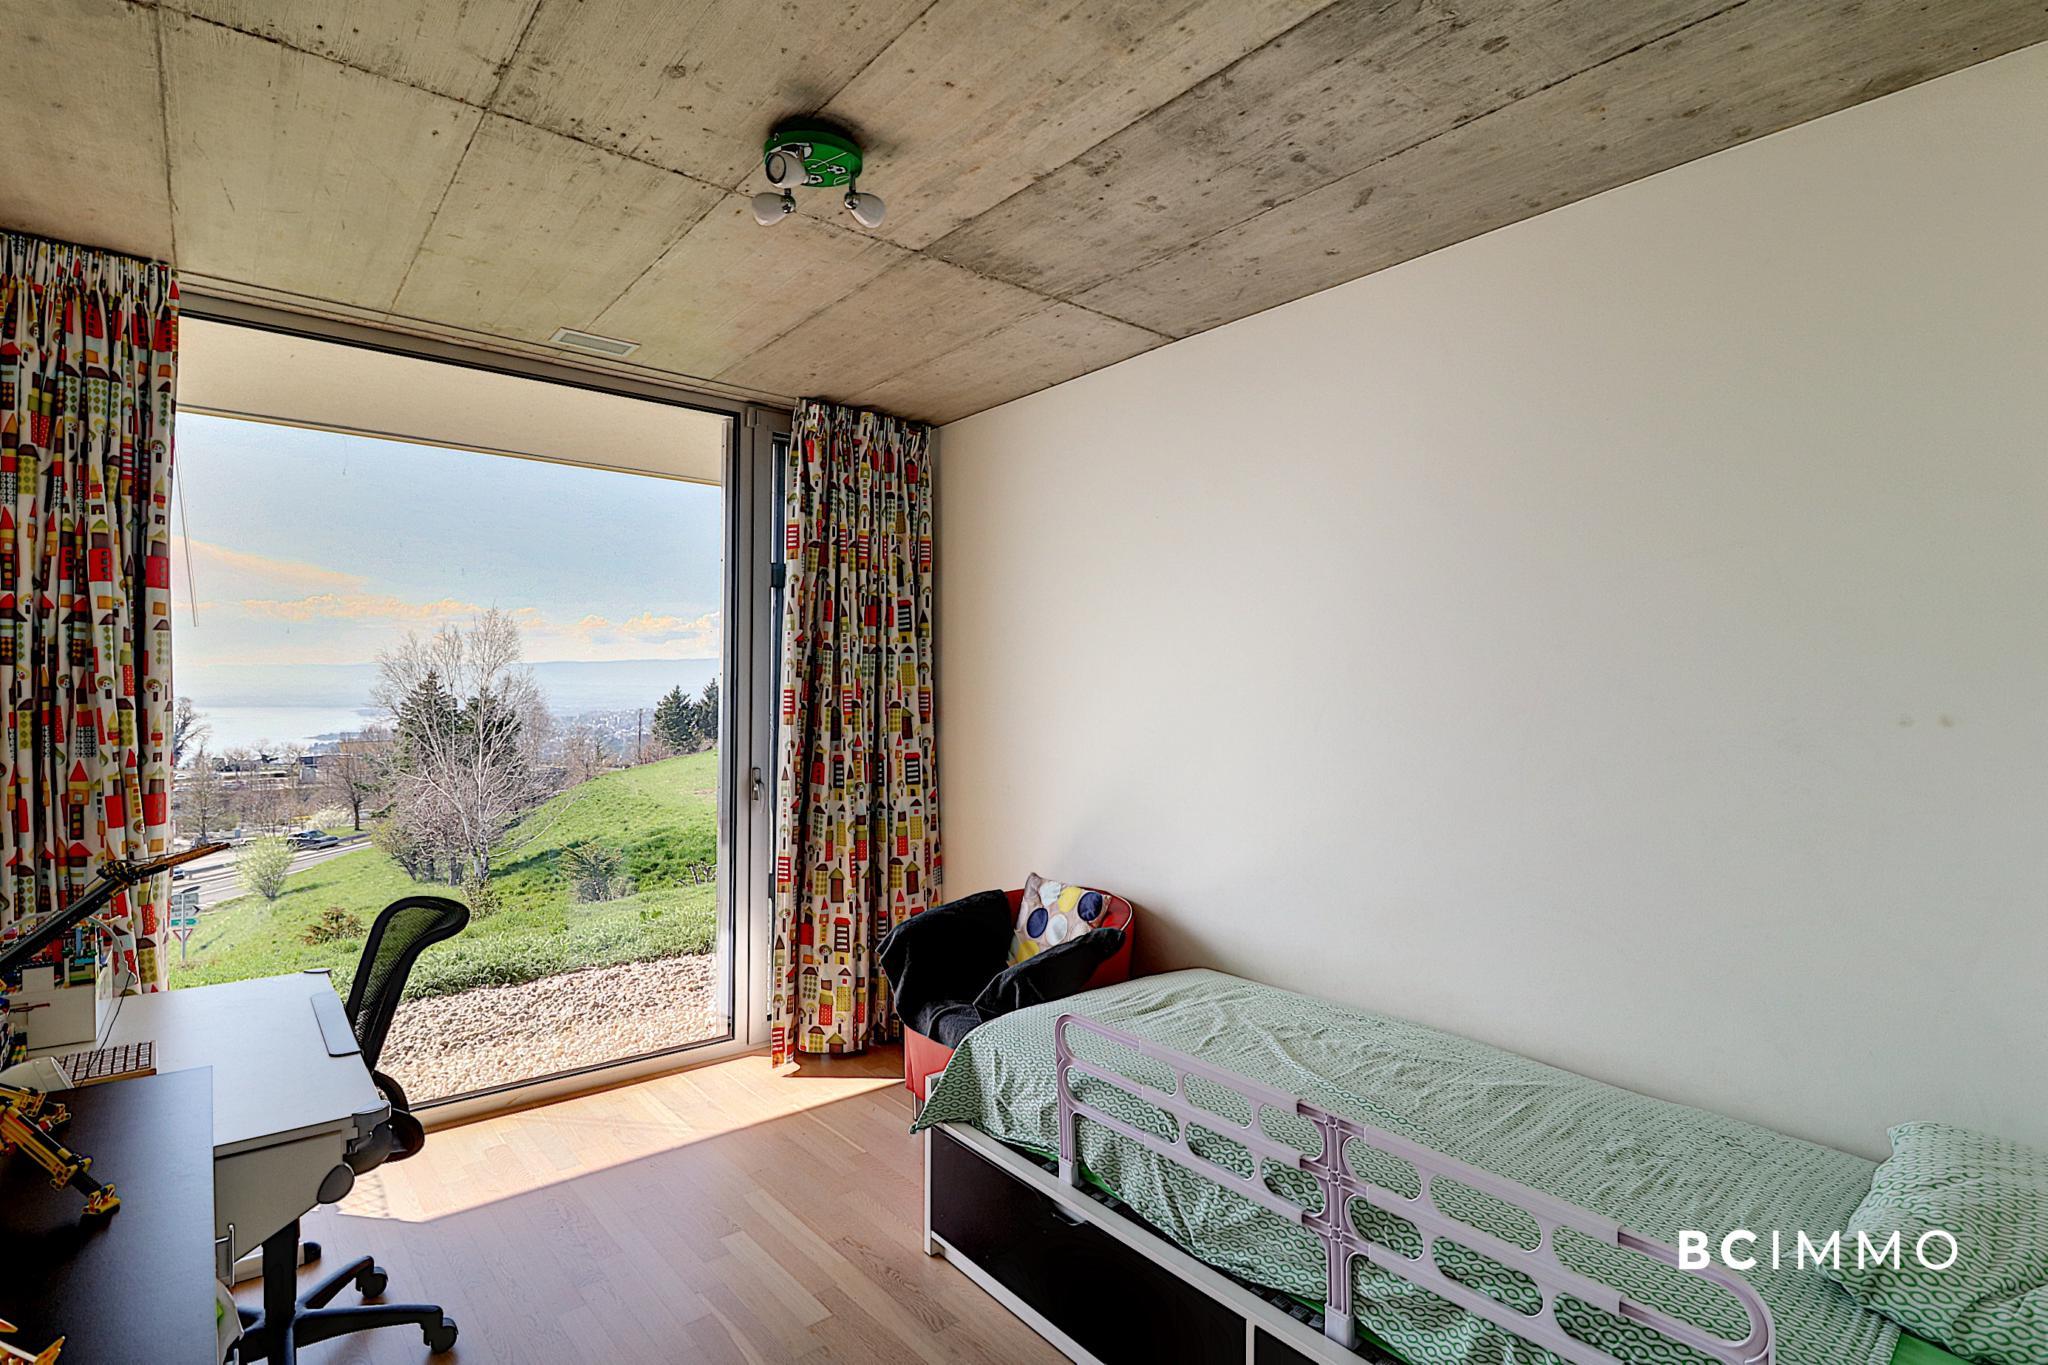 BC Immo - Contemporain avec une vue panoramique - 1091HB21A